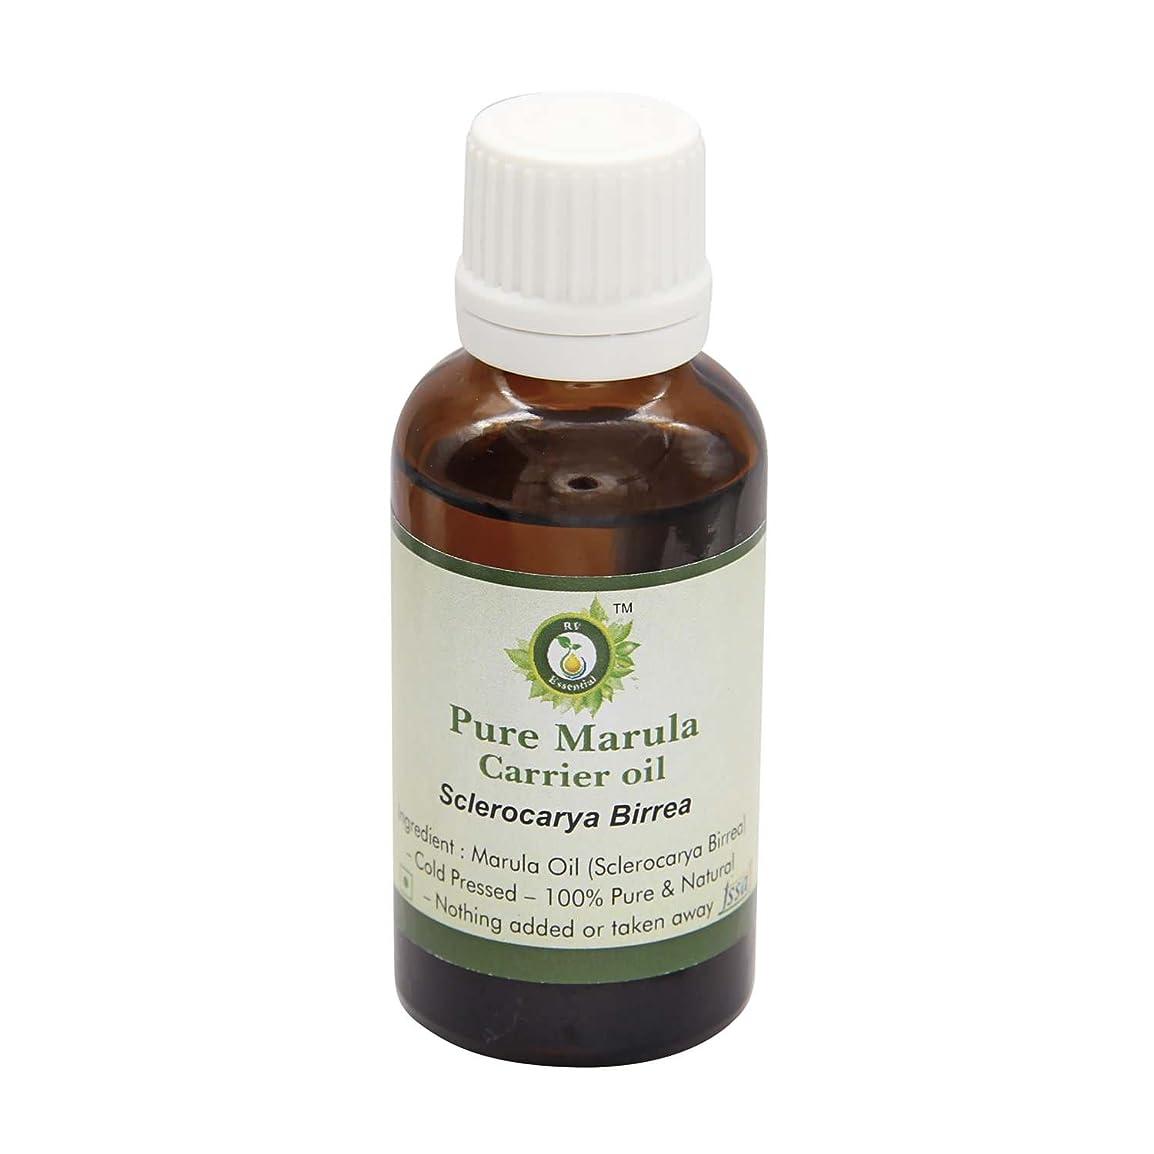 専制計り知れない麻痺させるR V Essential 純粋なMarulaキャリアオイル630ml (21oz)- Sclerocarya Birrea (100%ピュア&ナチュラルコールドPressed) Pure Marula Carrier Oil